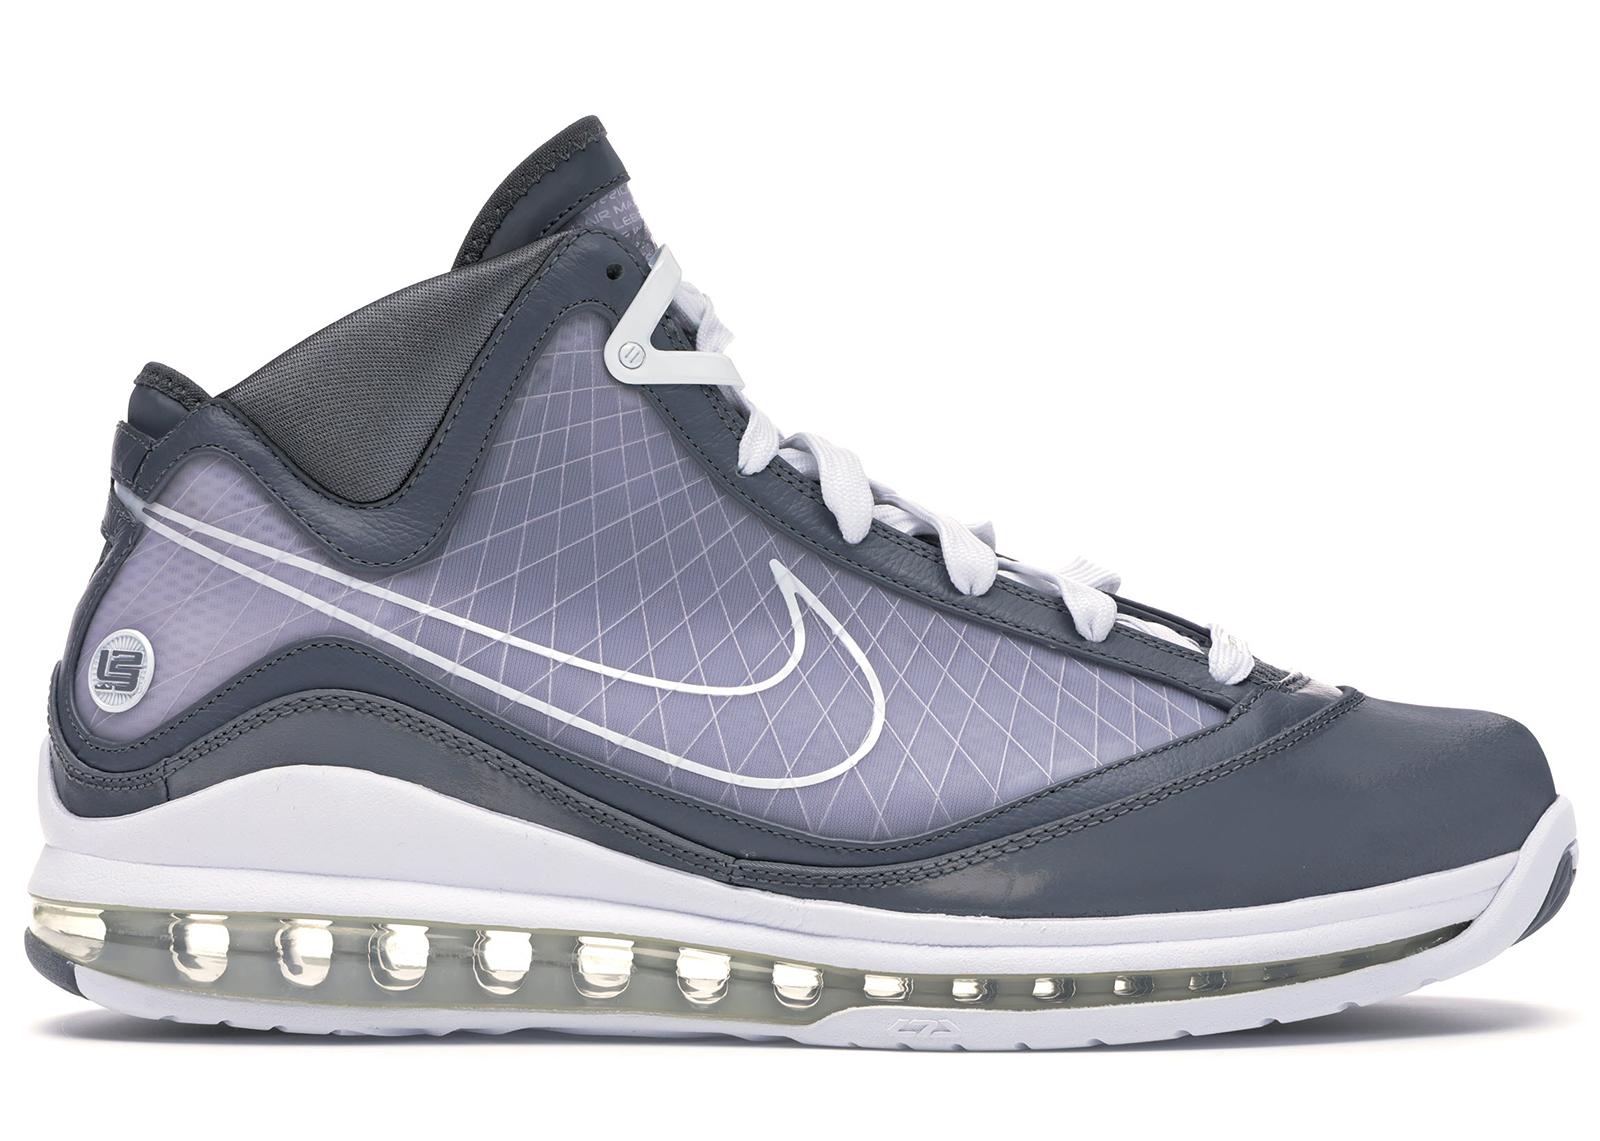 Nike LeBron 7 Cool Grey - 375664-002